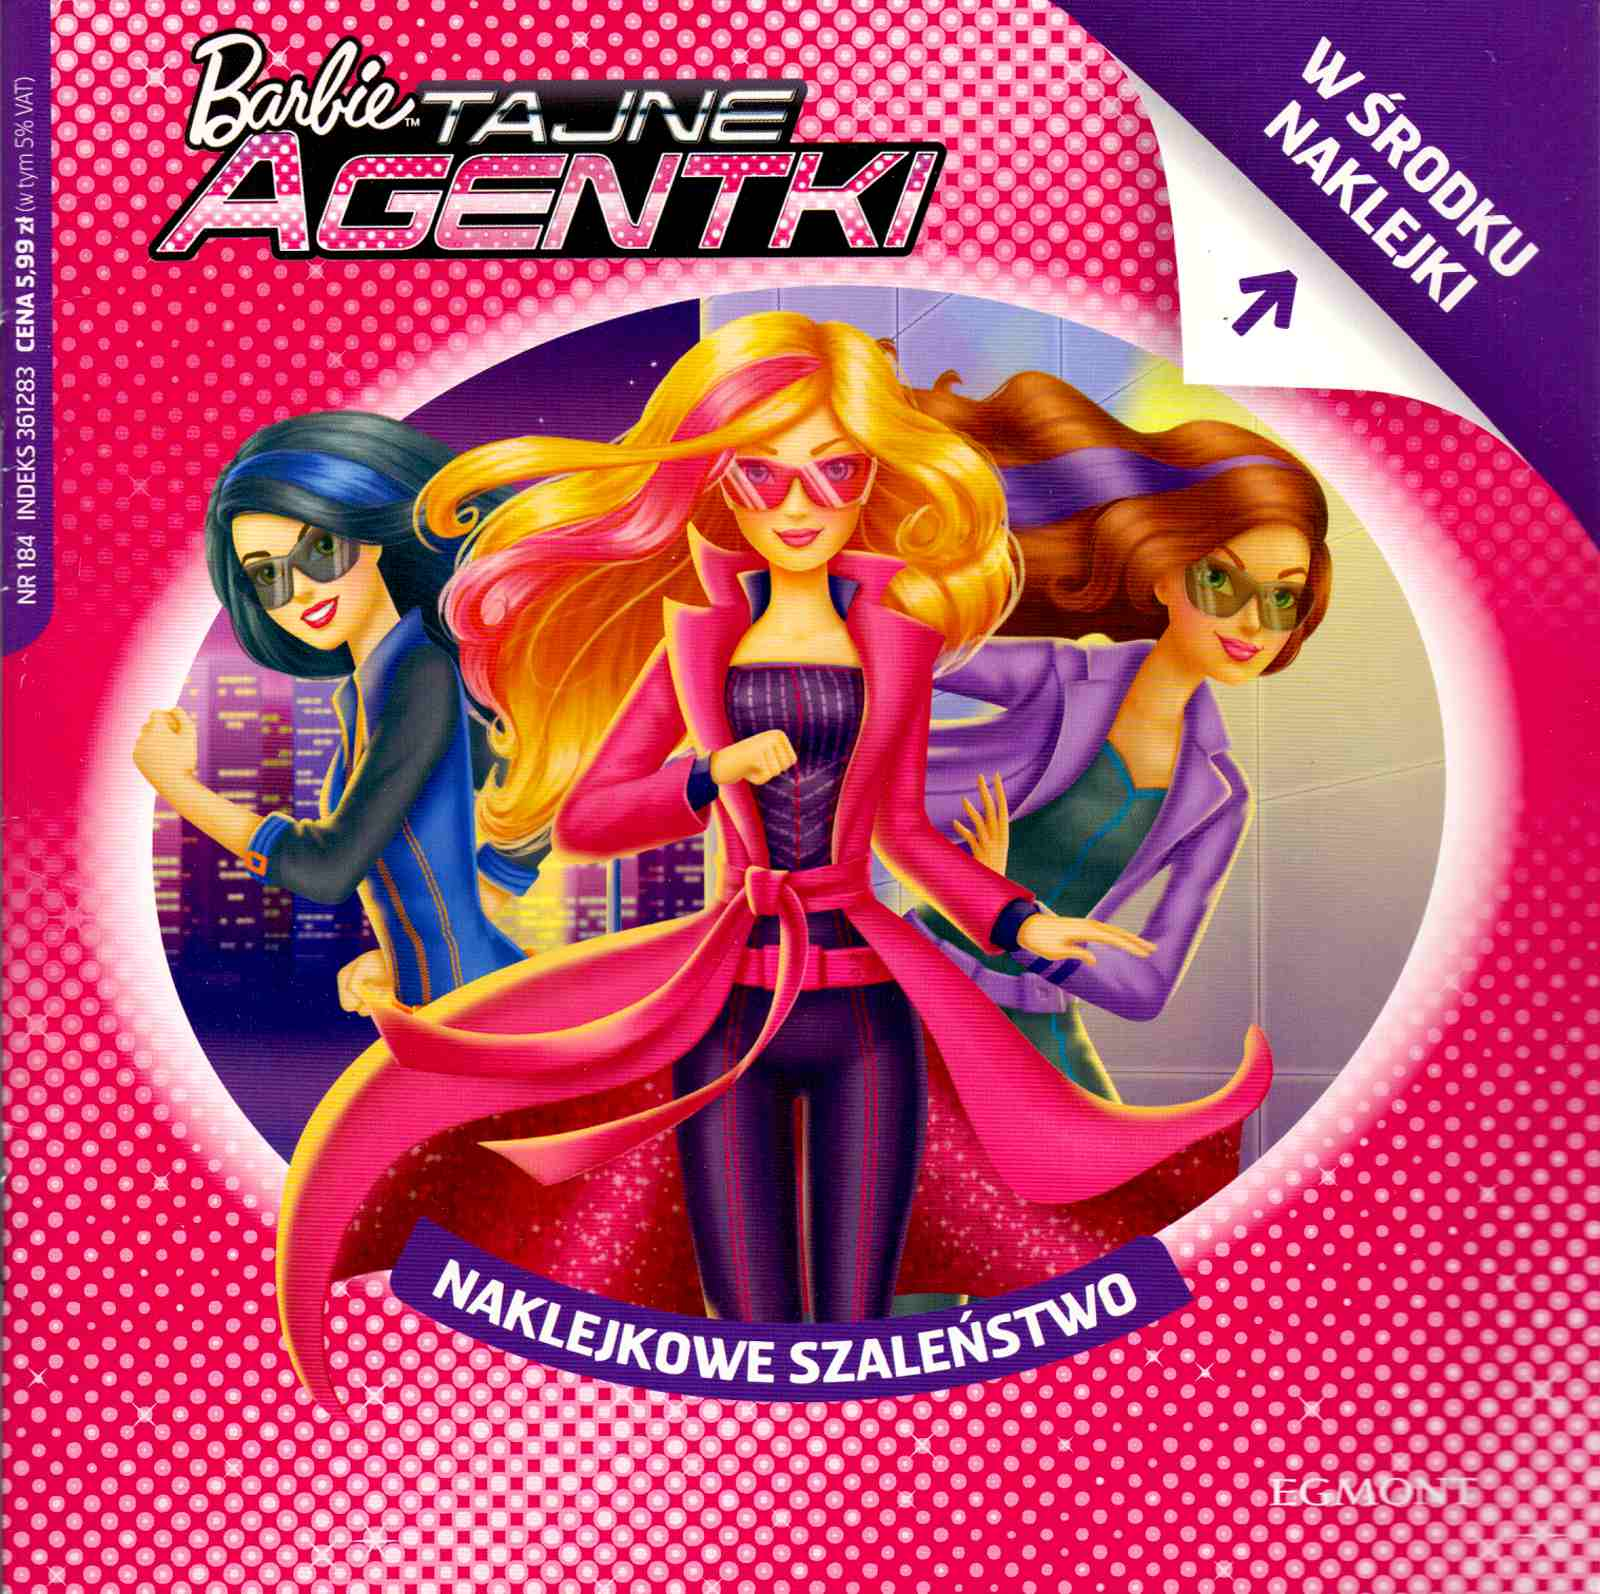 Barbie Tajne Agentki Naklejkowe Szalenstwo Allegro Pl Cena 2 99 Zl Stan Nowy Warszawa